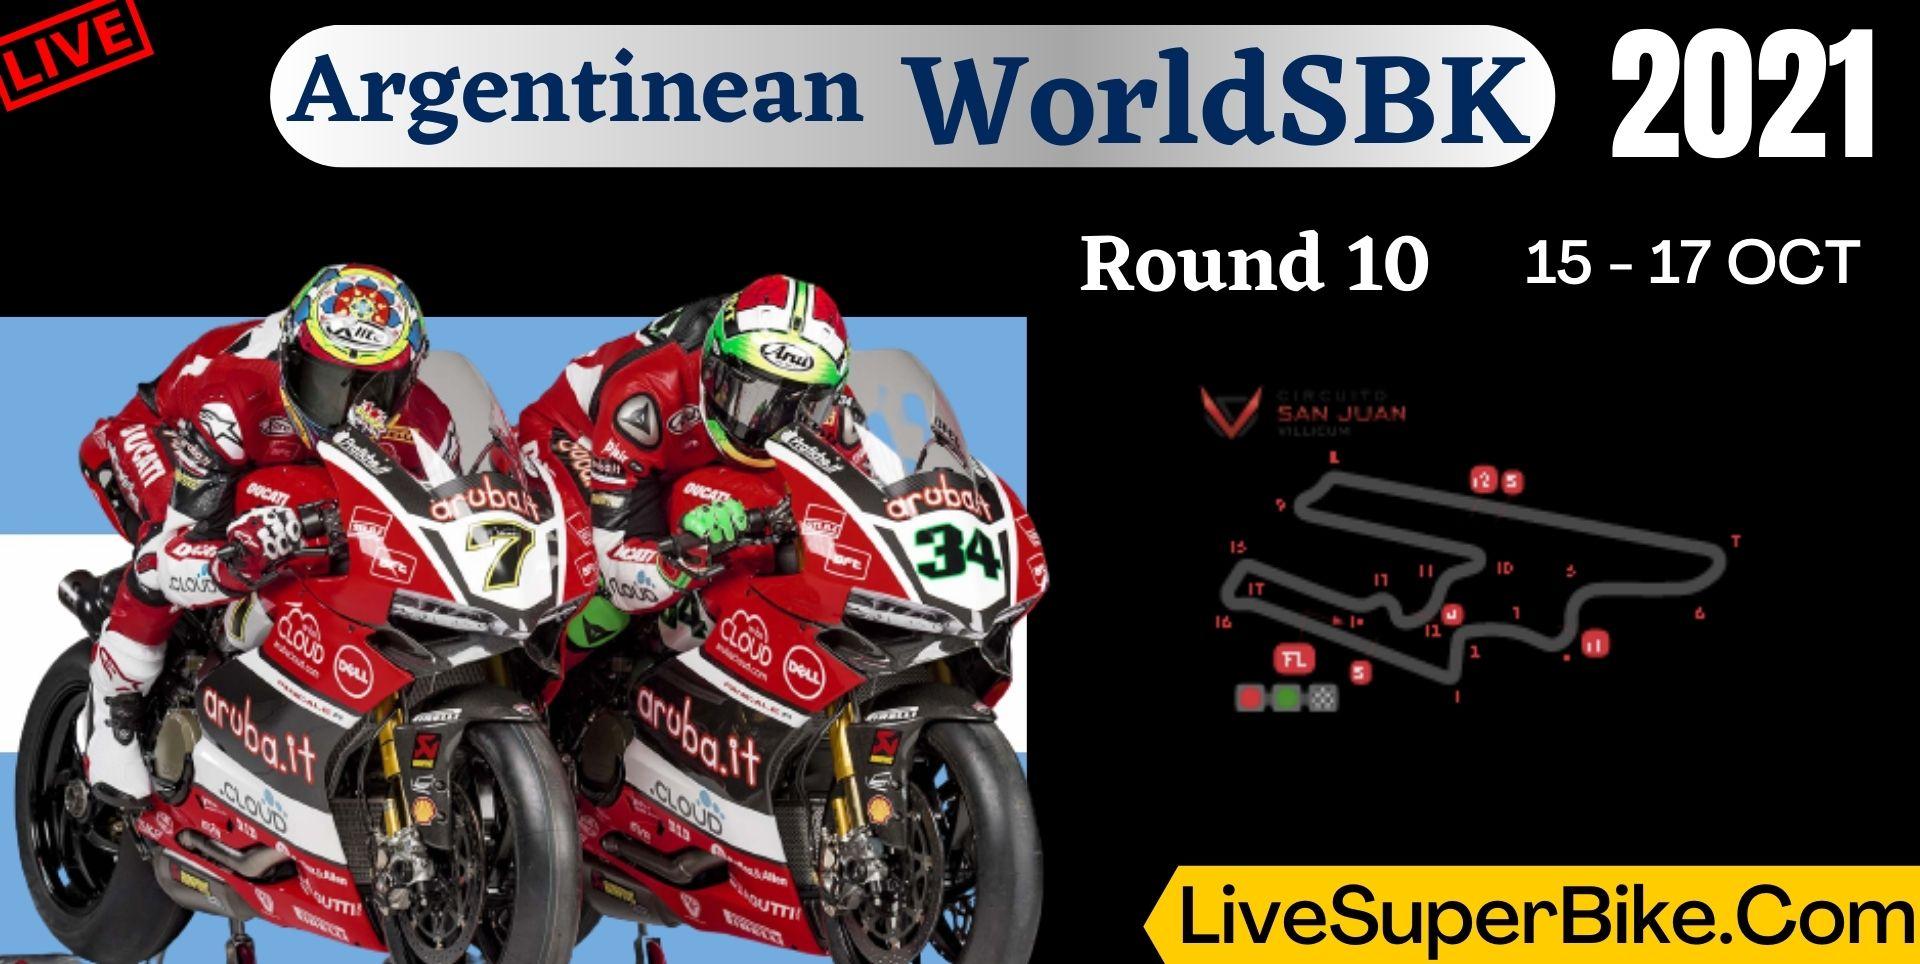 Argentinean Round 10 Live Stream 2021 | WorldSBK